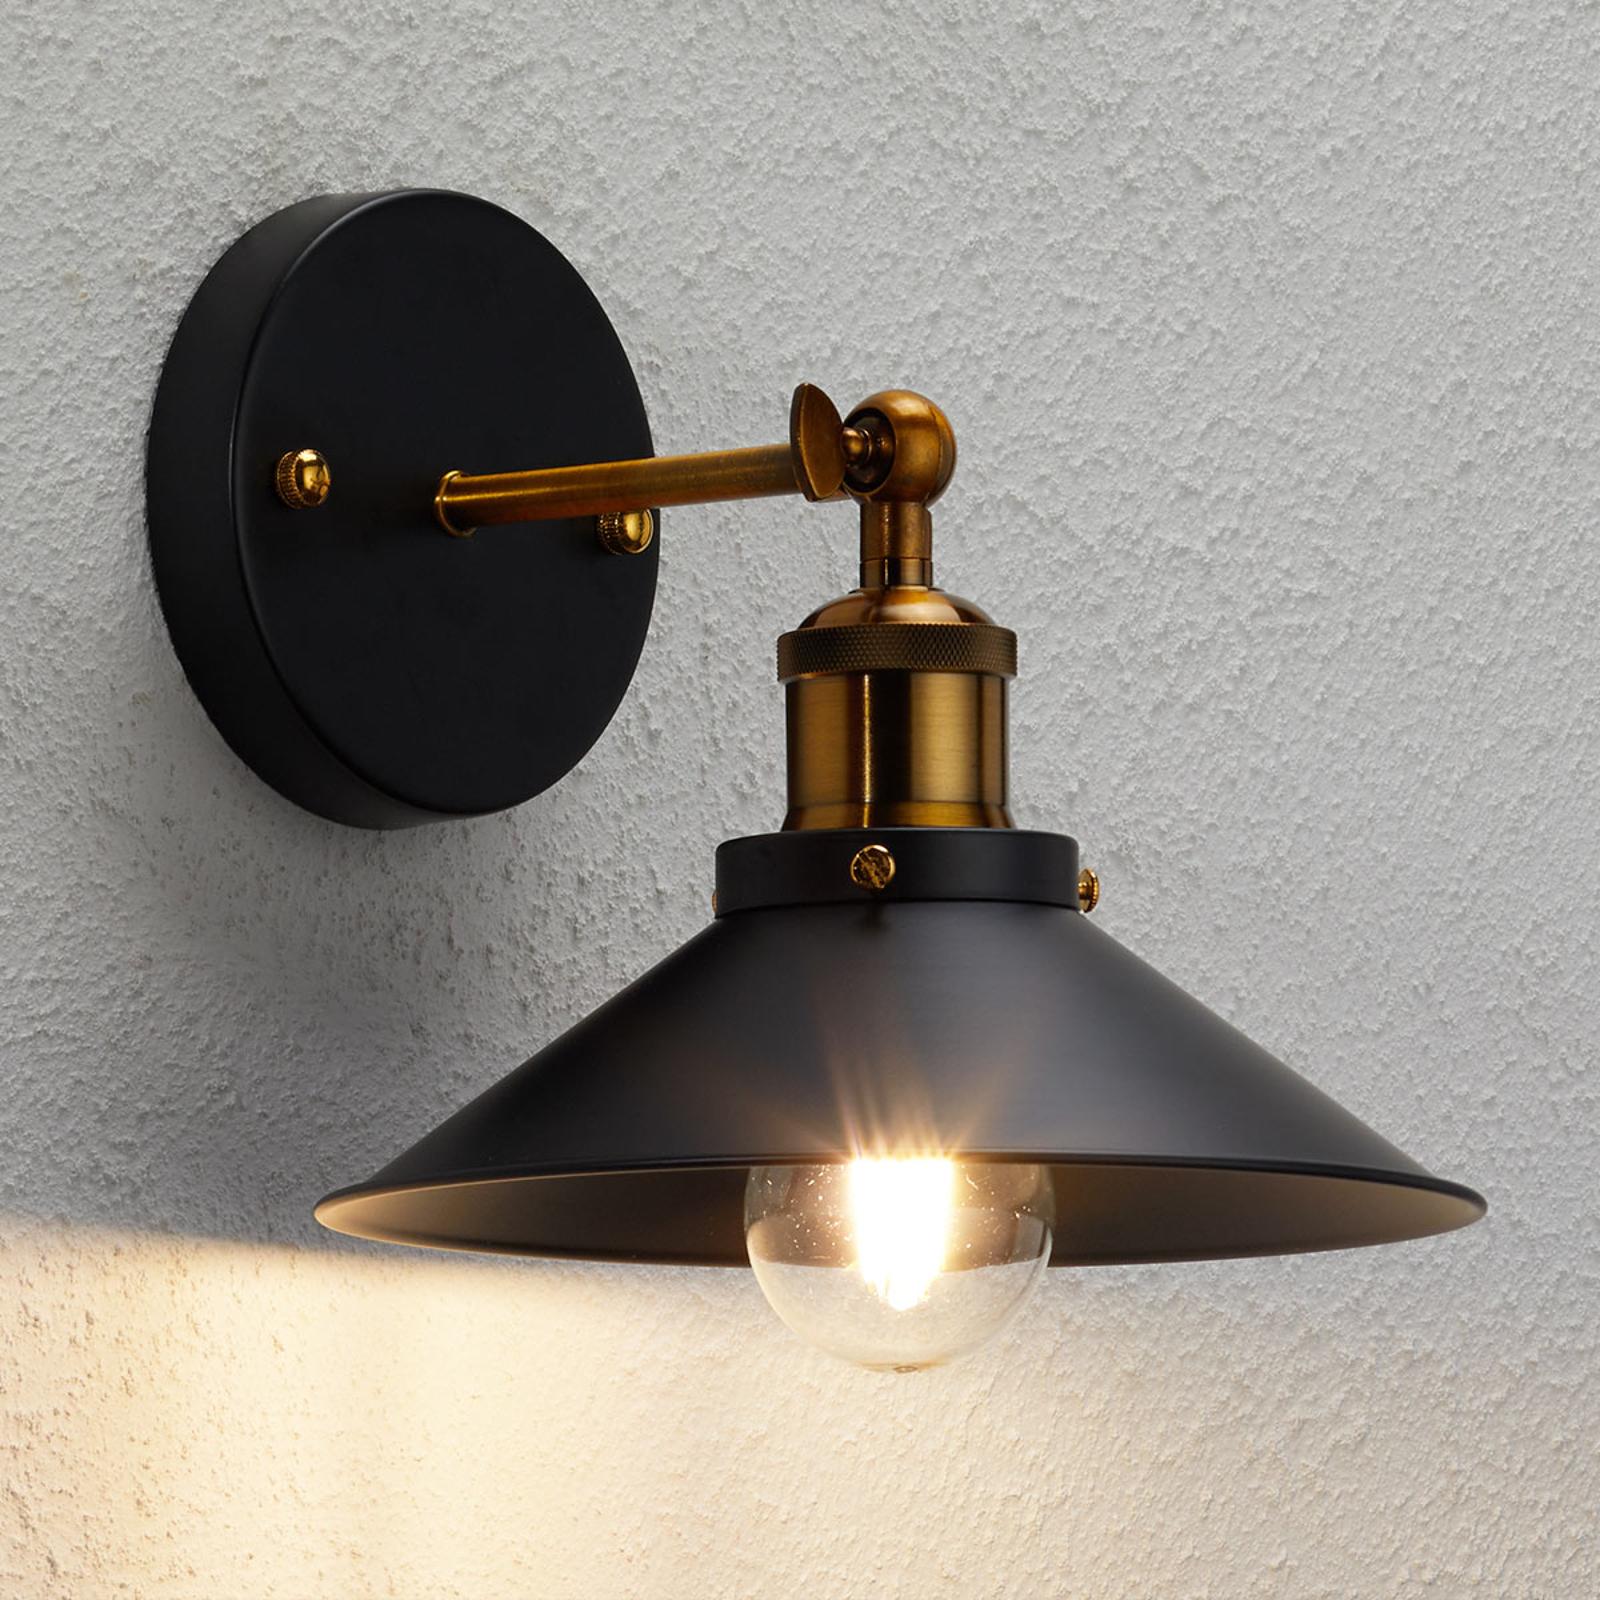 Vägglampa Viktor i industridesign